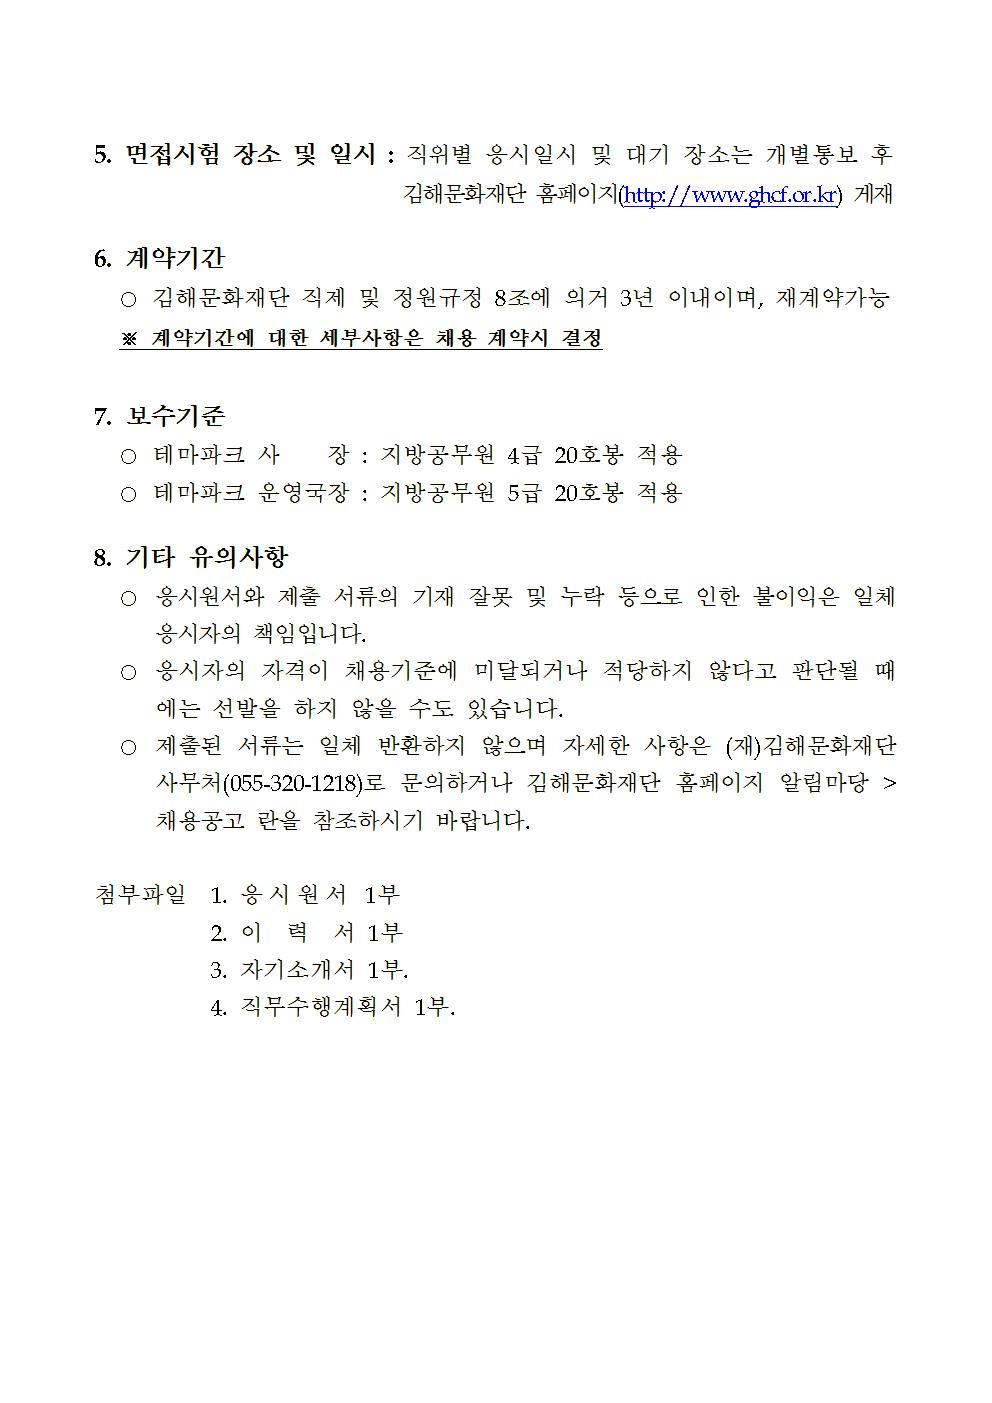 위촉직(테마파크 사장 및 운영국장) 채용공고004